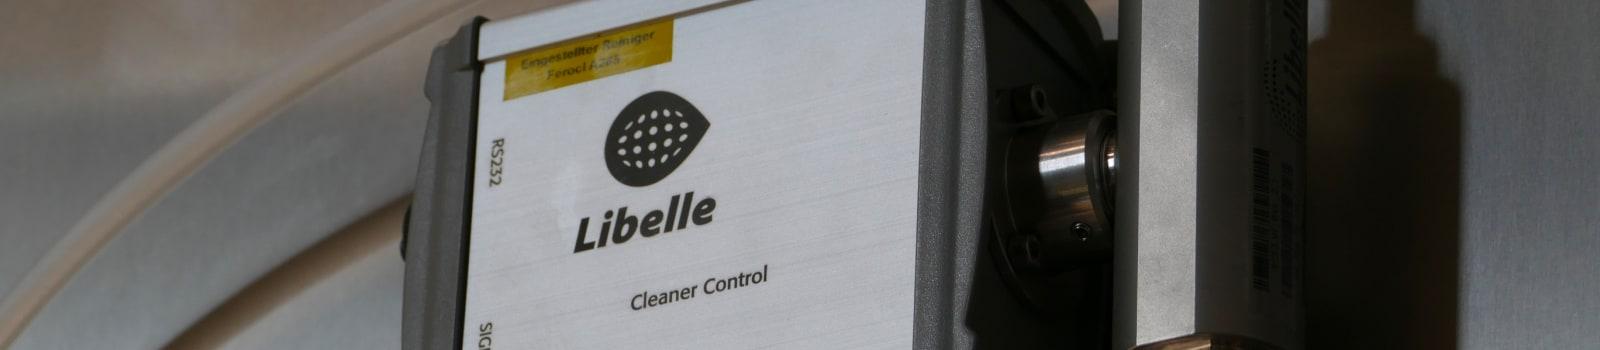 Liebelle Cleaner Control ist eine Neuentwicklung aus dem Hause BvL und ersetzt das Titrationsverfahren